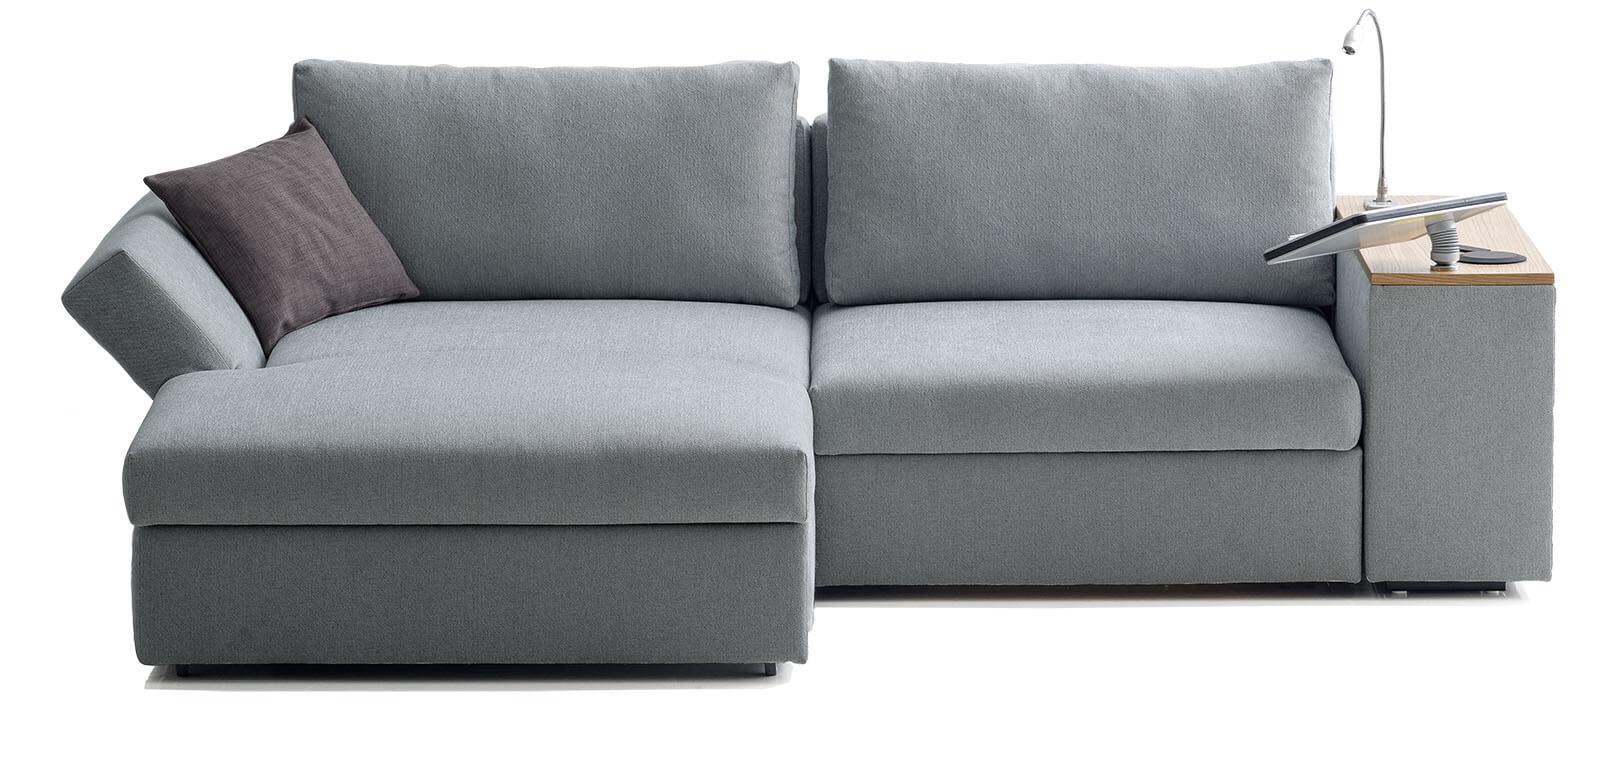 Franz Fertig Sofas sectional sofa bed